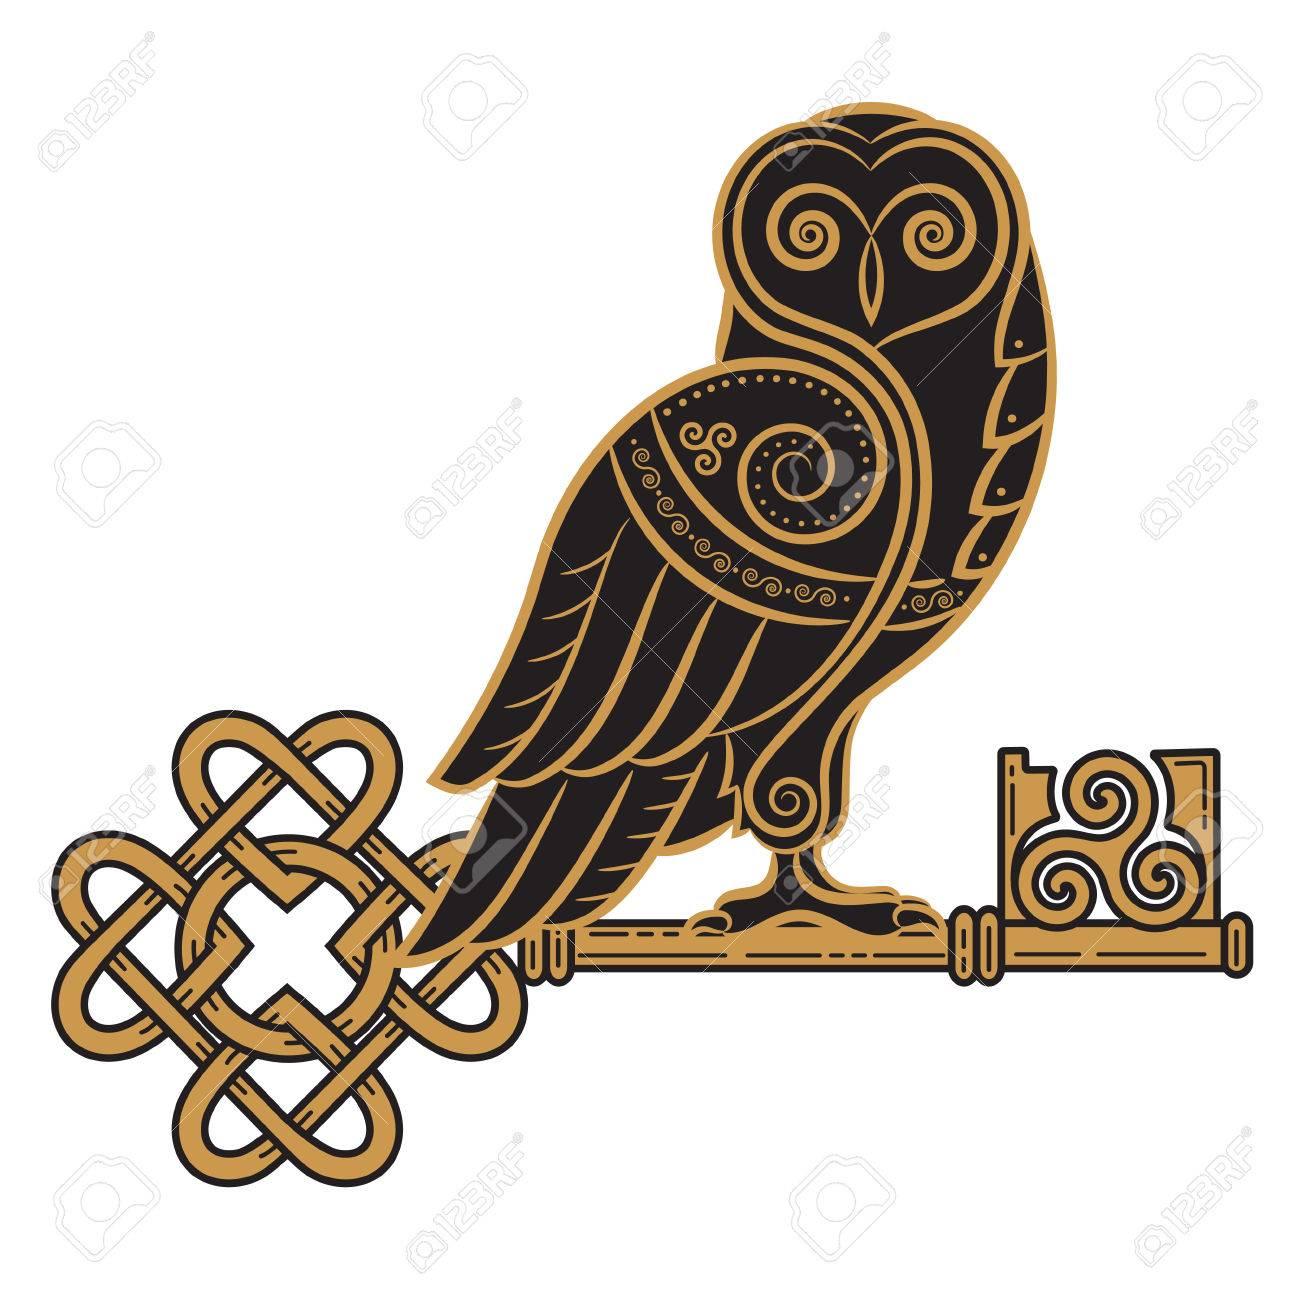 La Chouette Symbole le design celtique. chouette et clé dans le style celtique, un